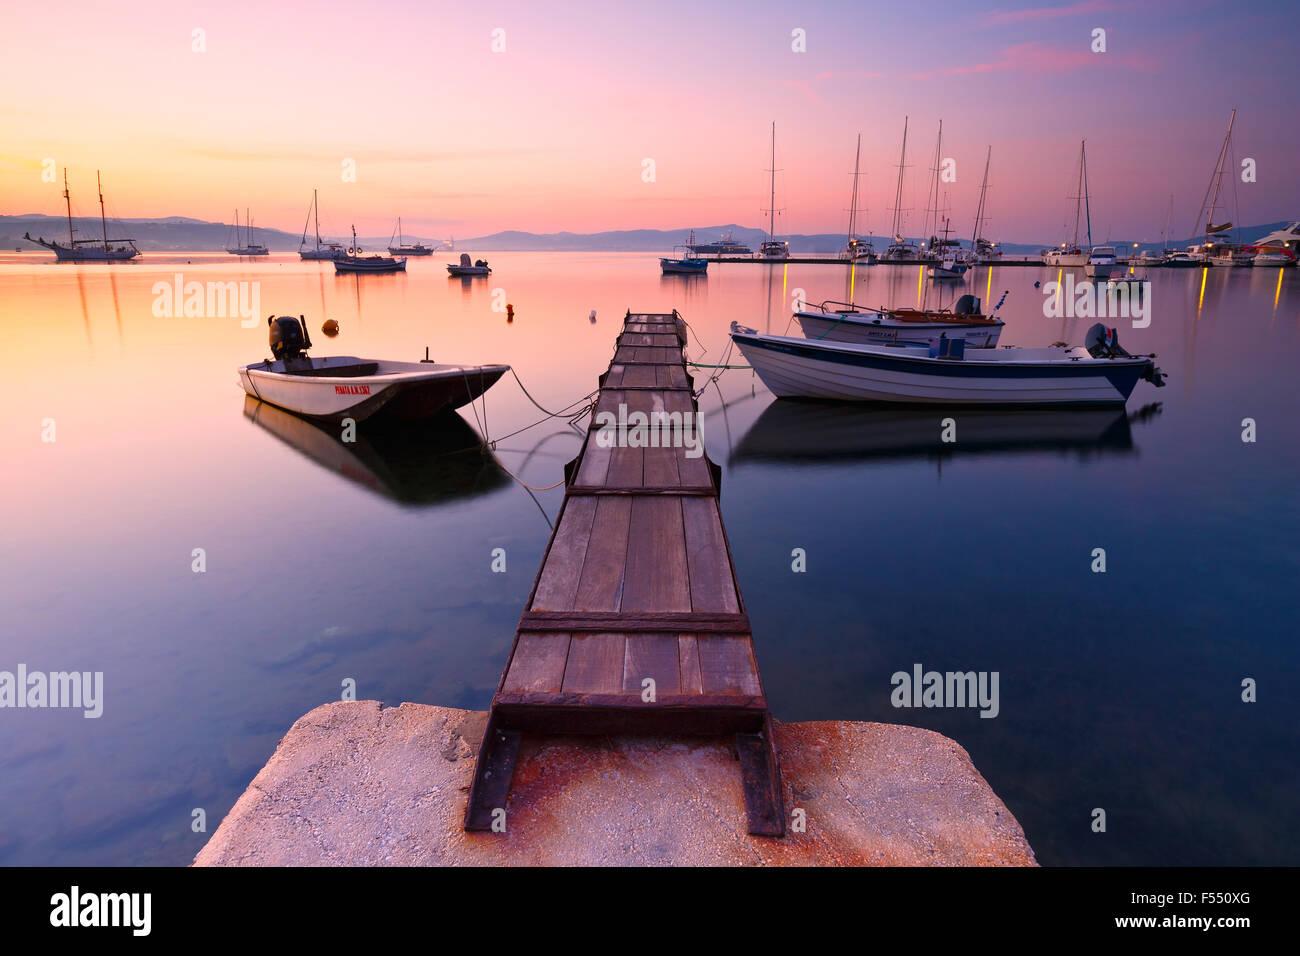 Milos-Bucht der Insel Milos vom Adamantas Hafen aus gesehen Stockbild